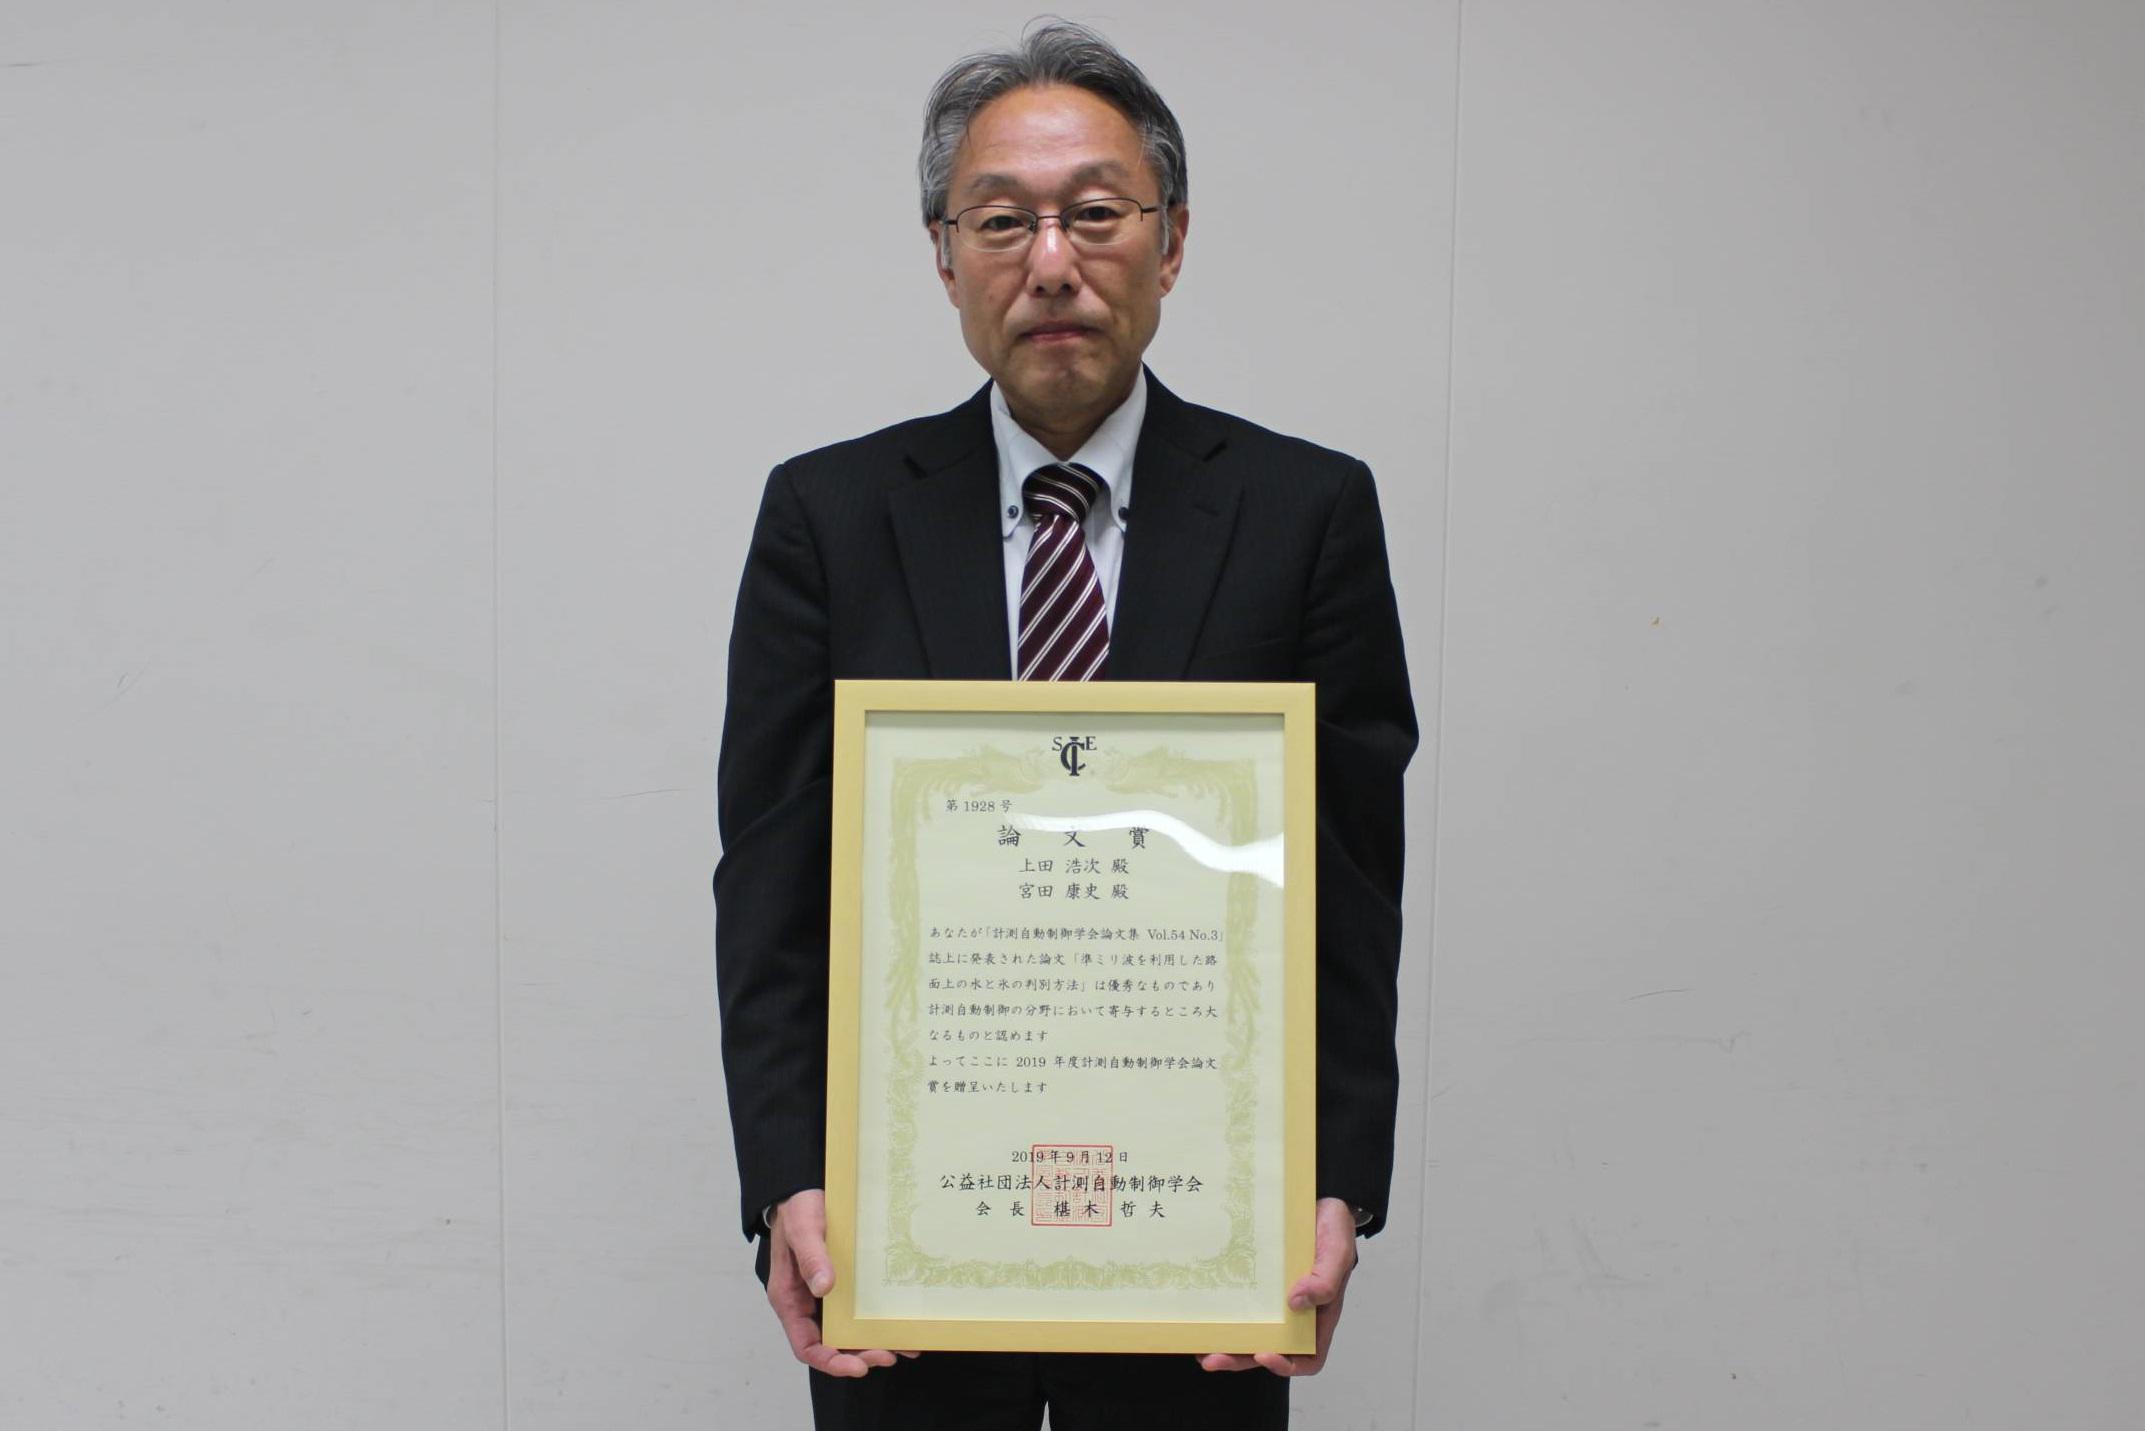 論文賞を受賞した上田教授